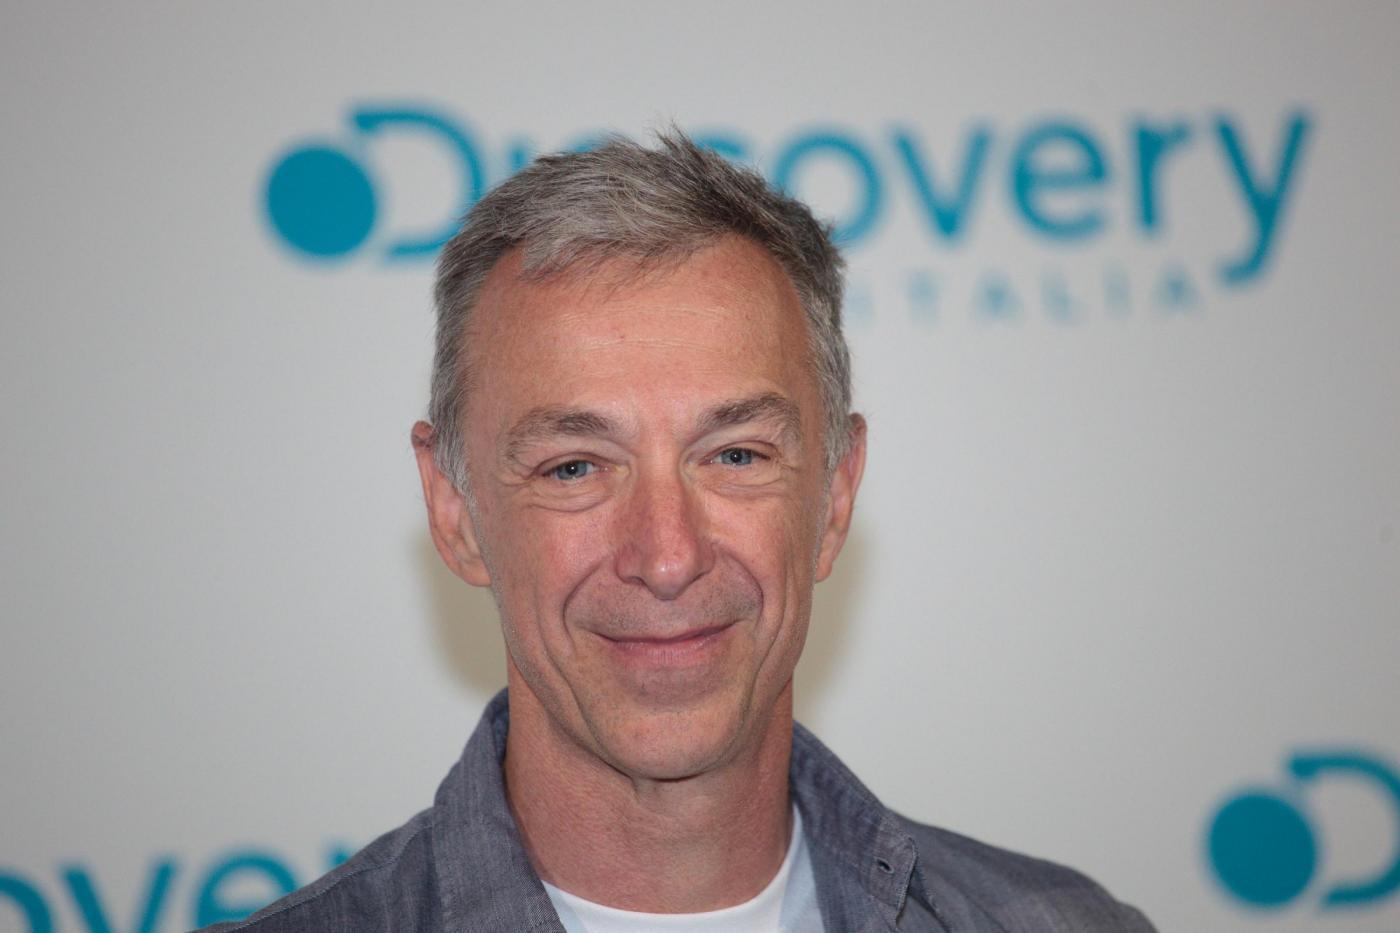 Linus lascia Radio Deejay dopo 32 anni? Il conduttore radiofonico sibillino sul suo futuro